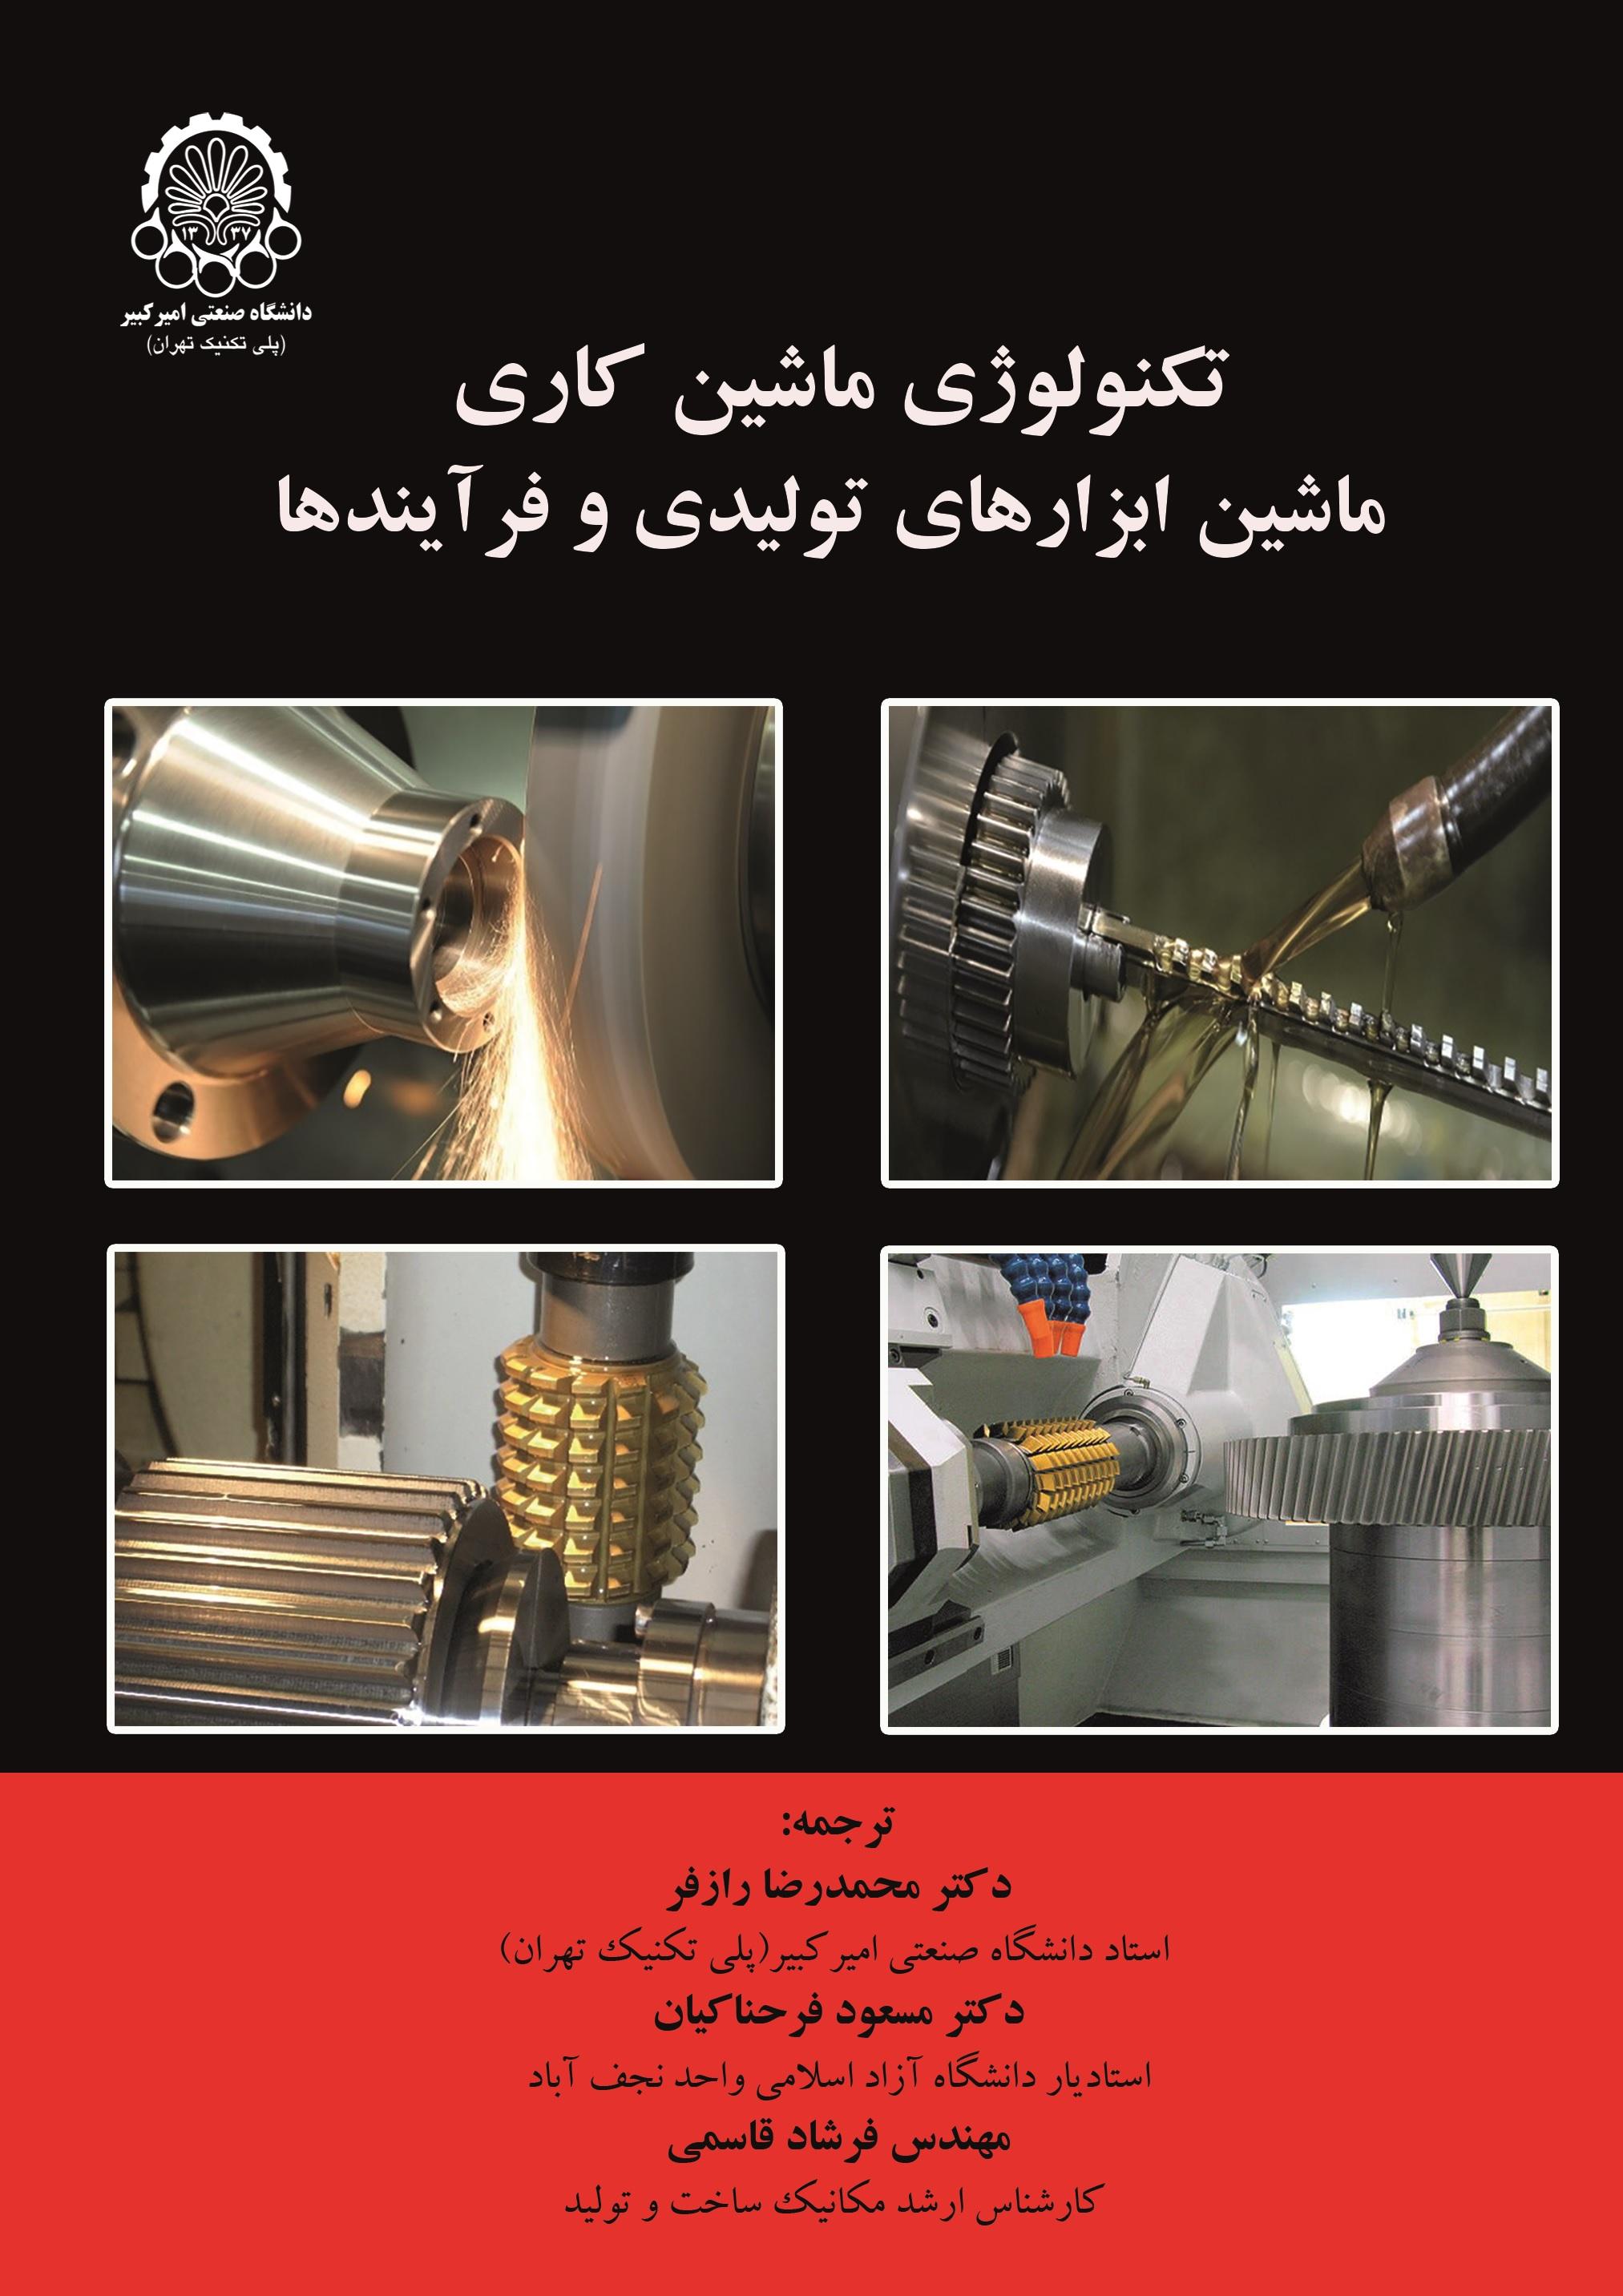 تکنولوژی ماشین کاری ماشین ابزارهای تولیدی وفرآیندها